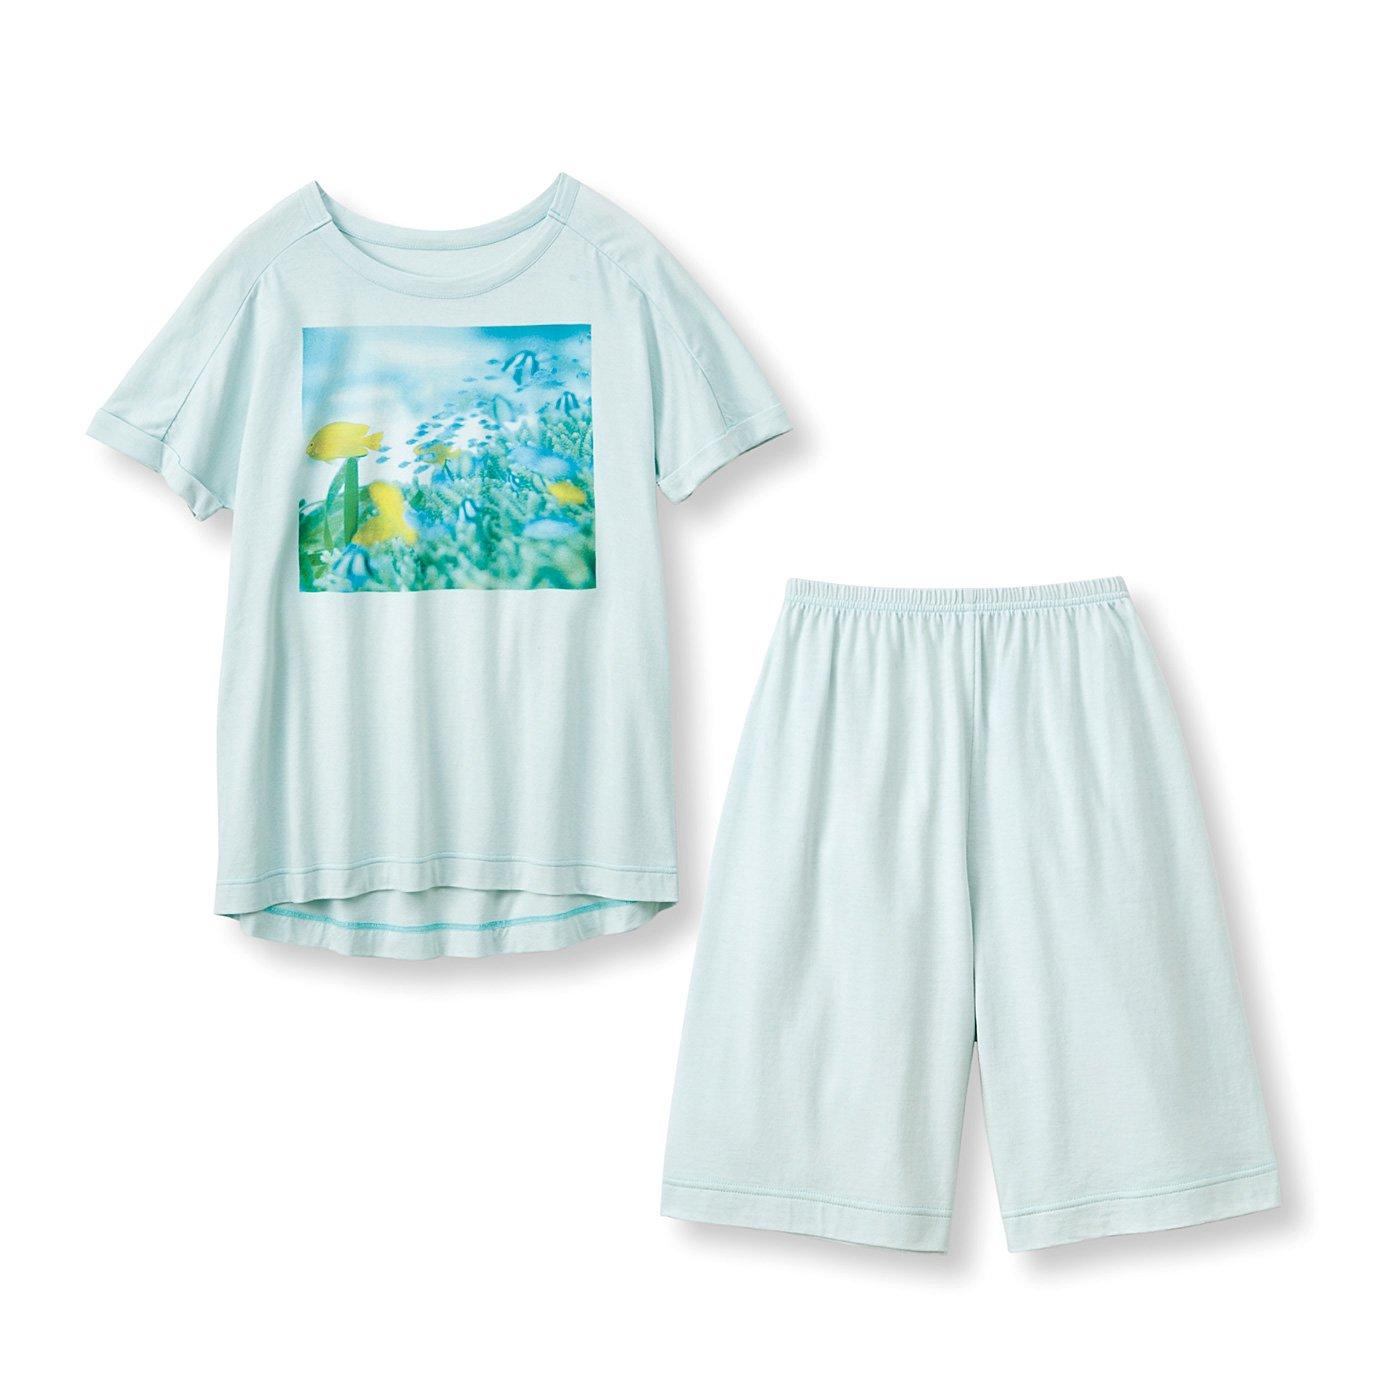 frauglatt×海とかもめ部 さらり快適海中の世界をまとう しあわせTシャツ&ショートパンツセット〈アクアグリーン〉